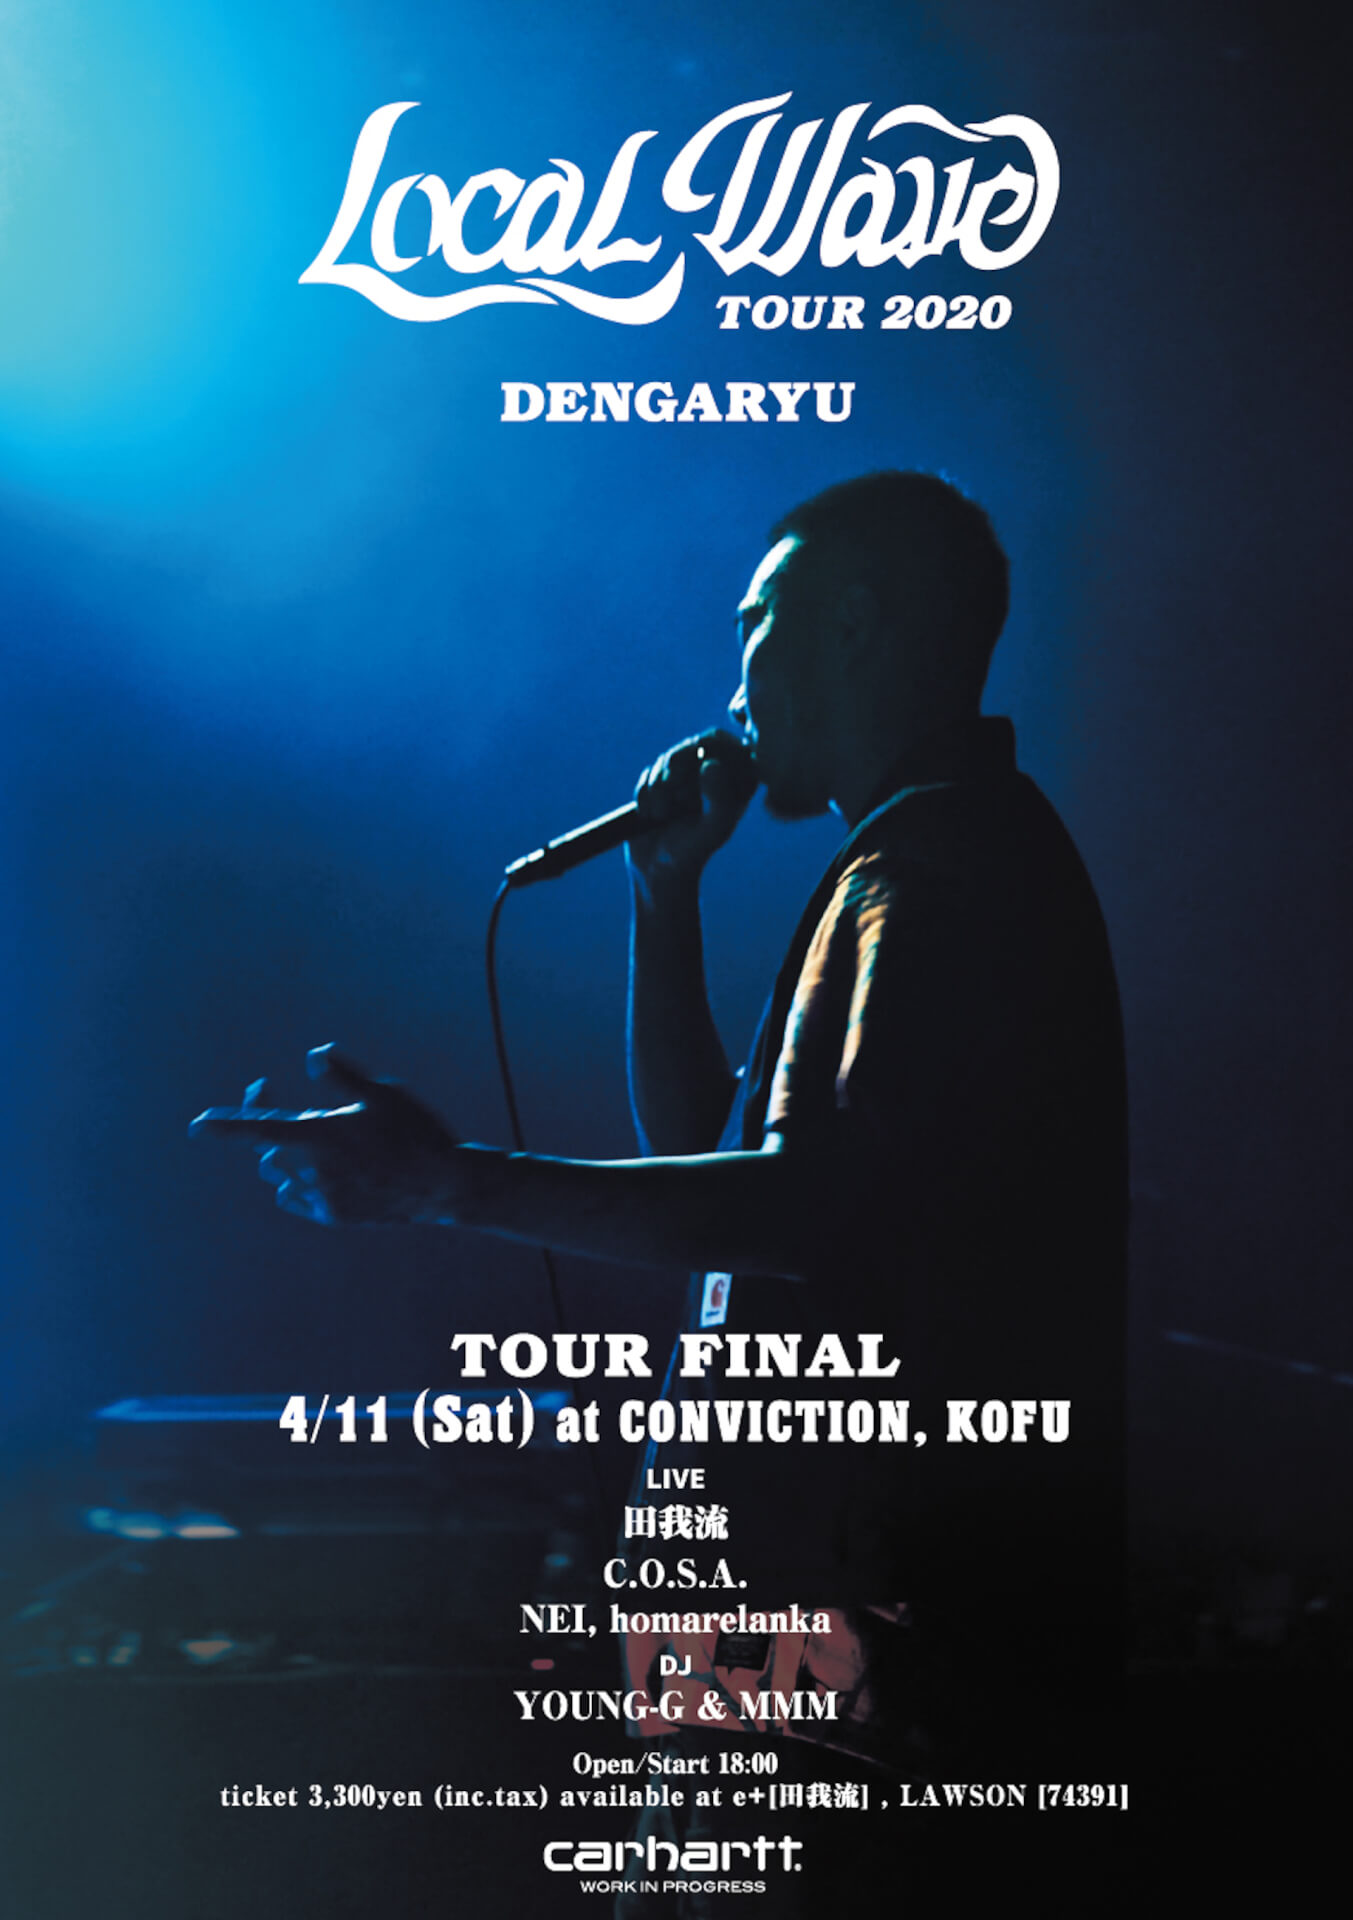 田我流<Local Wave Tour>ファイナル公演にC.O.S.A.、NEIらが出演決定|YOUNG-G、MMMもDJ出演 music200220_dengaryu_1